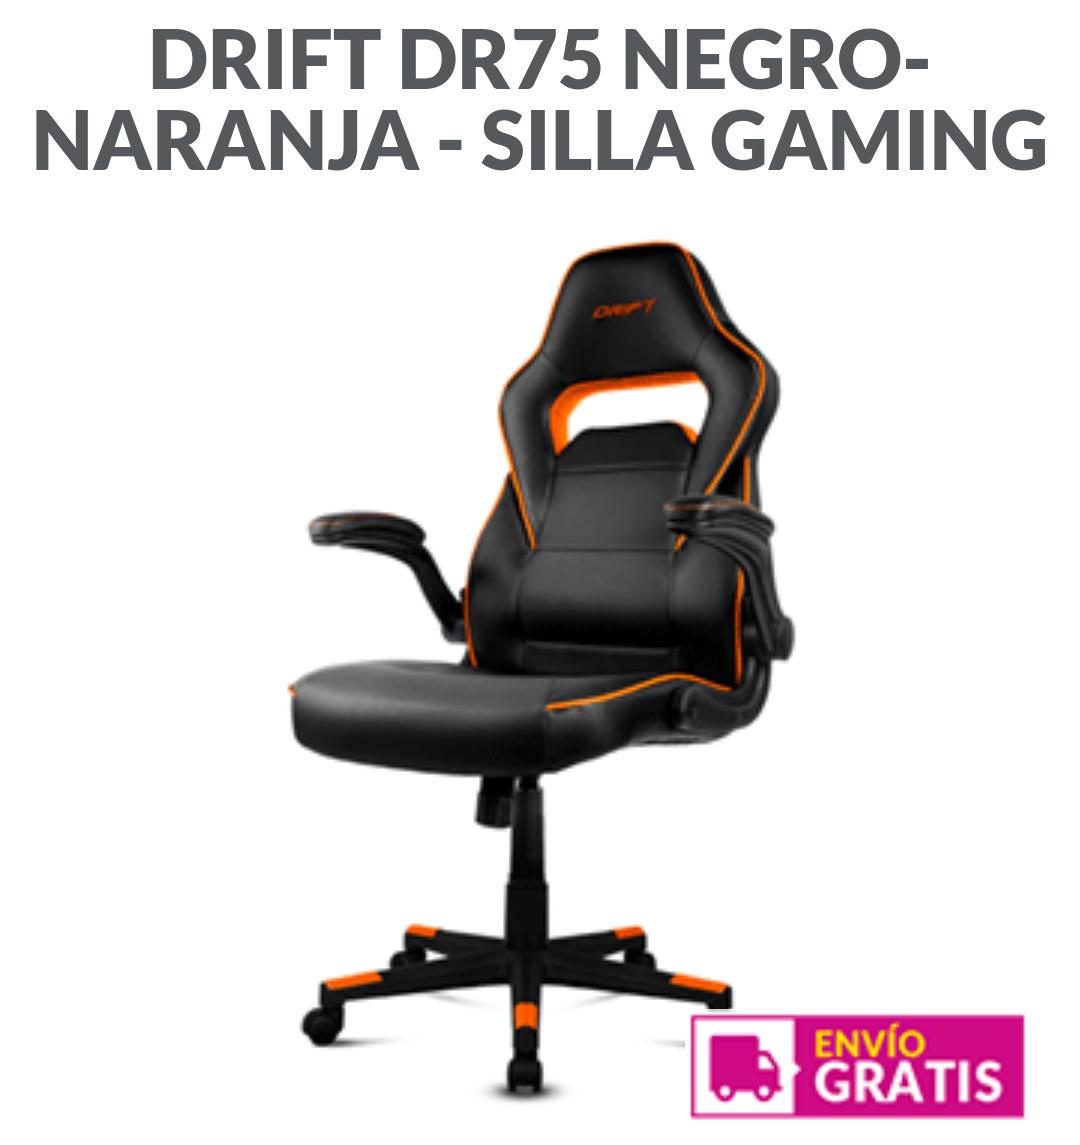 Silla drift dr75